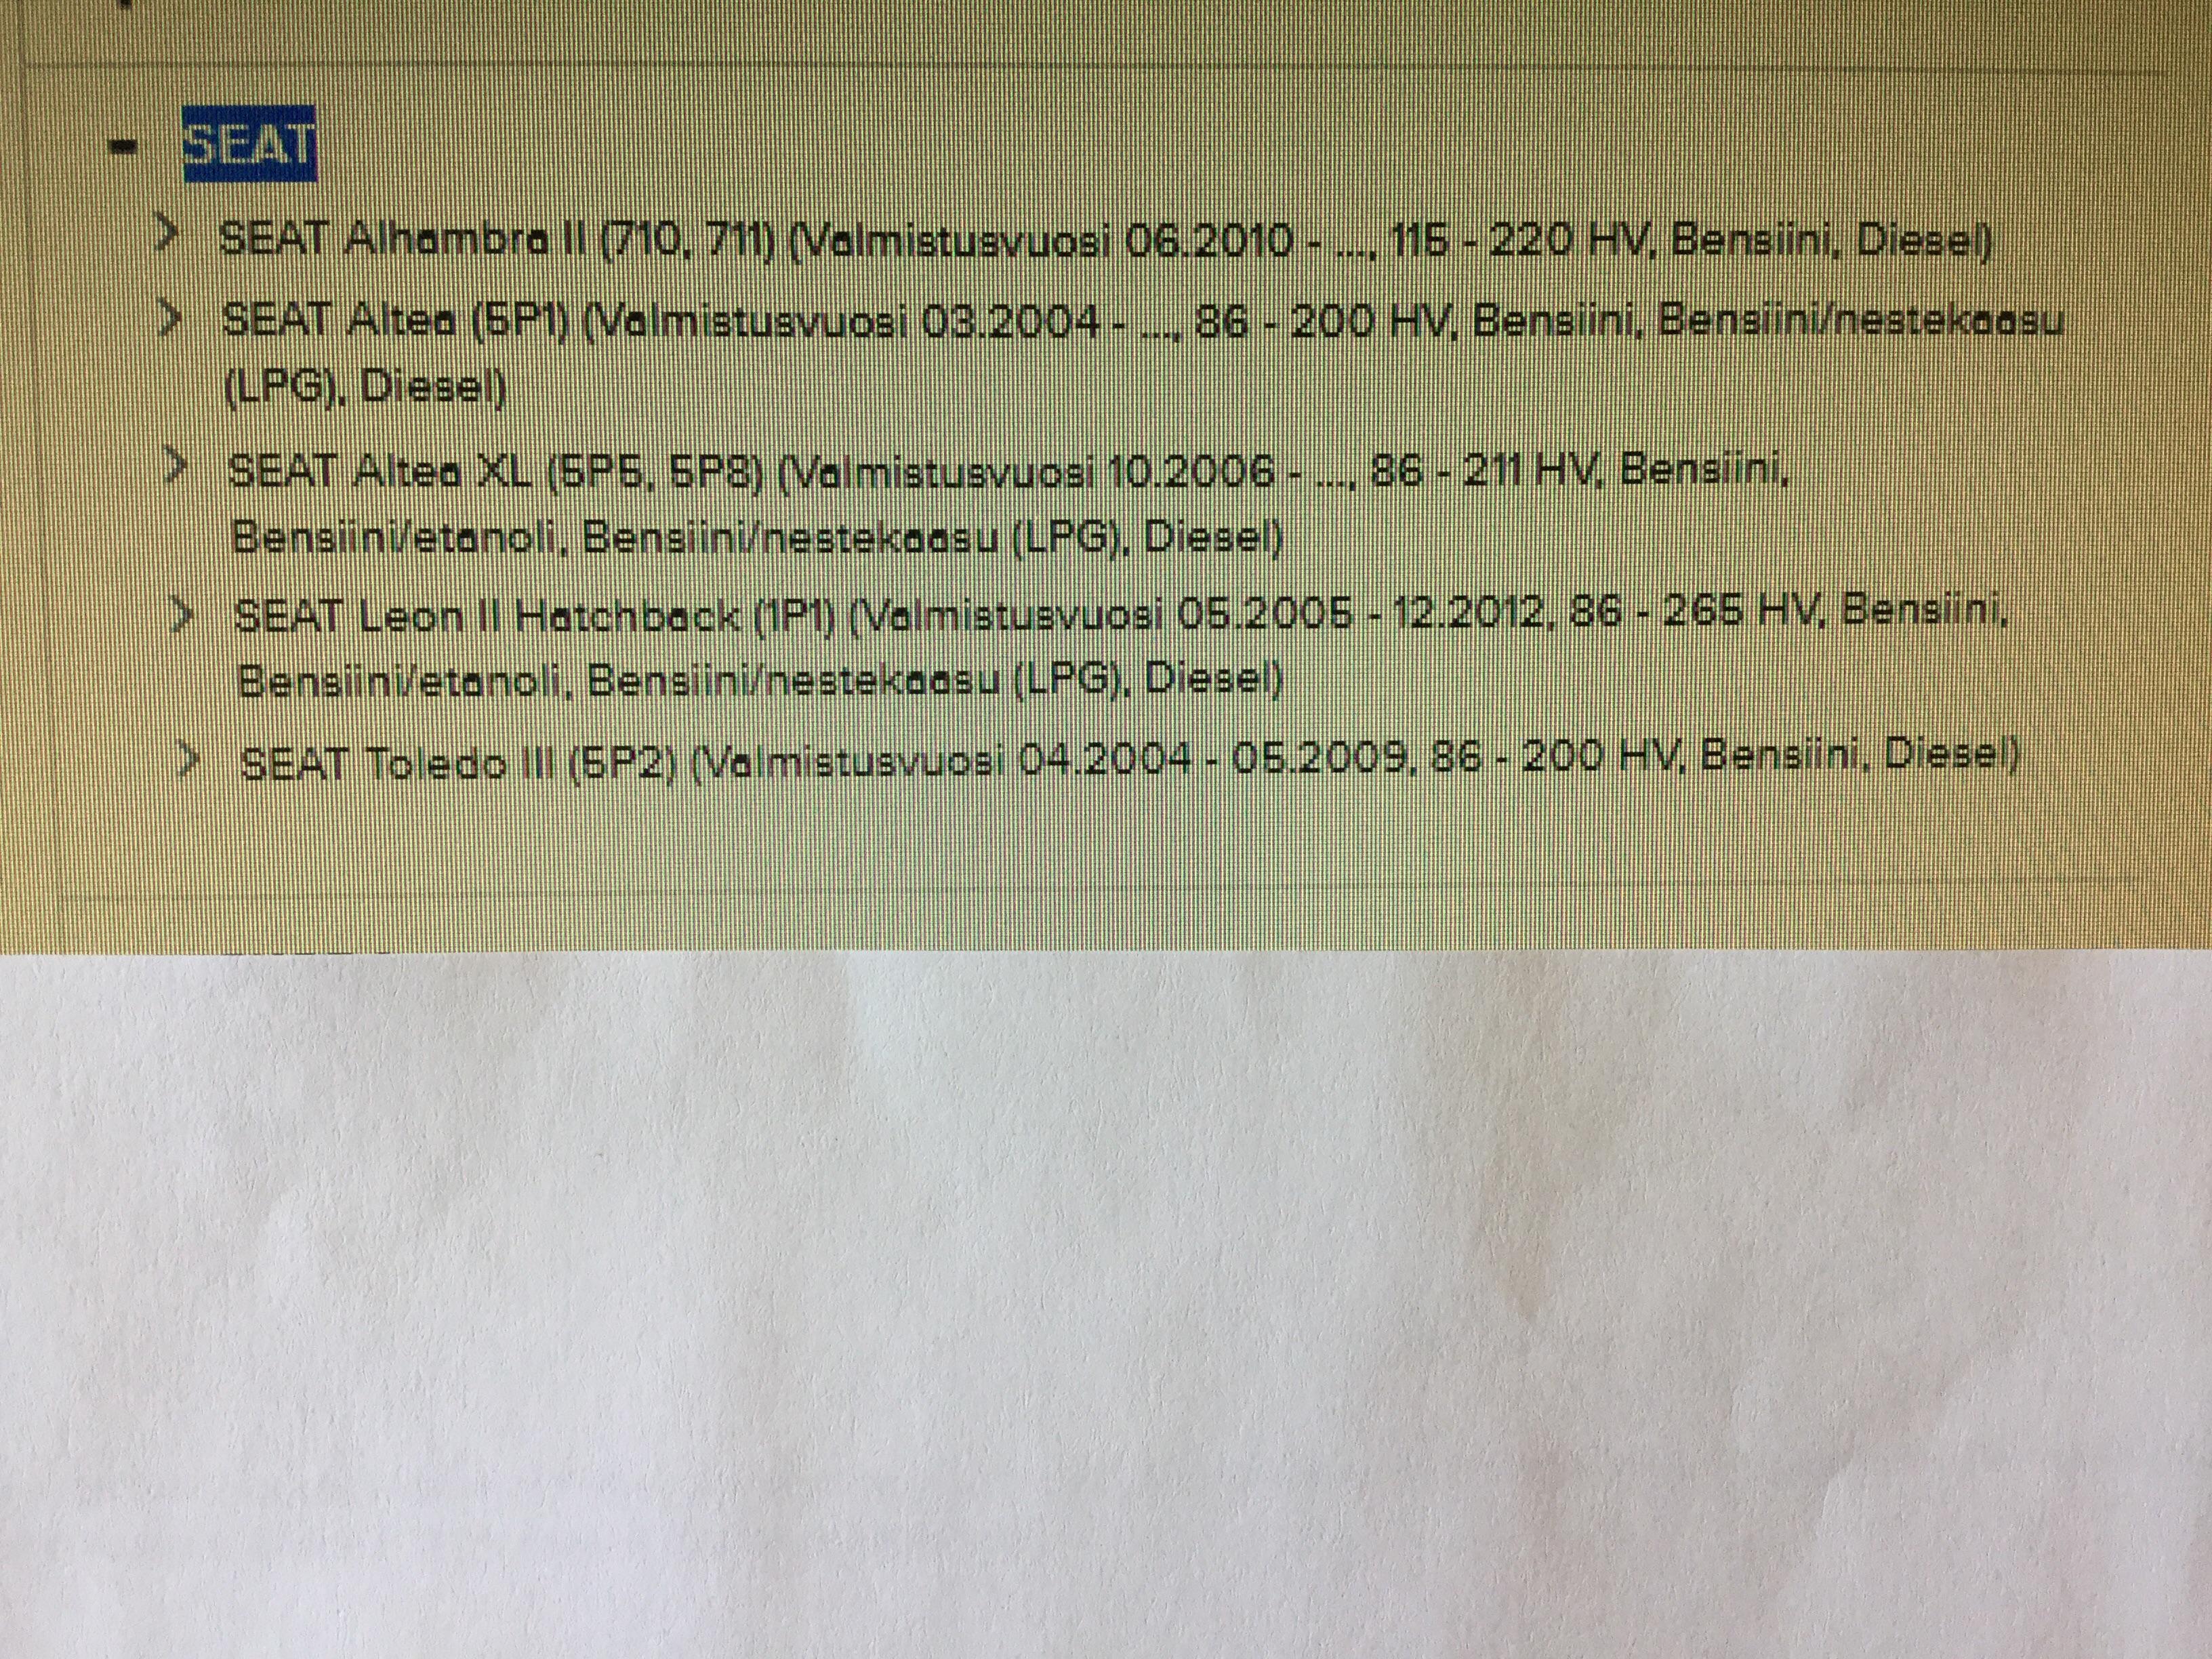 public/bbb9d062-ec7b-4cab-ba12-ed2fa075d206